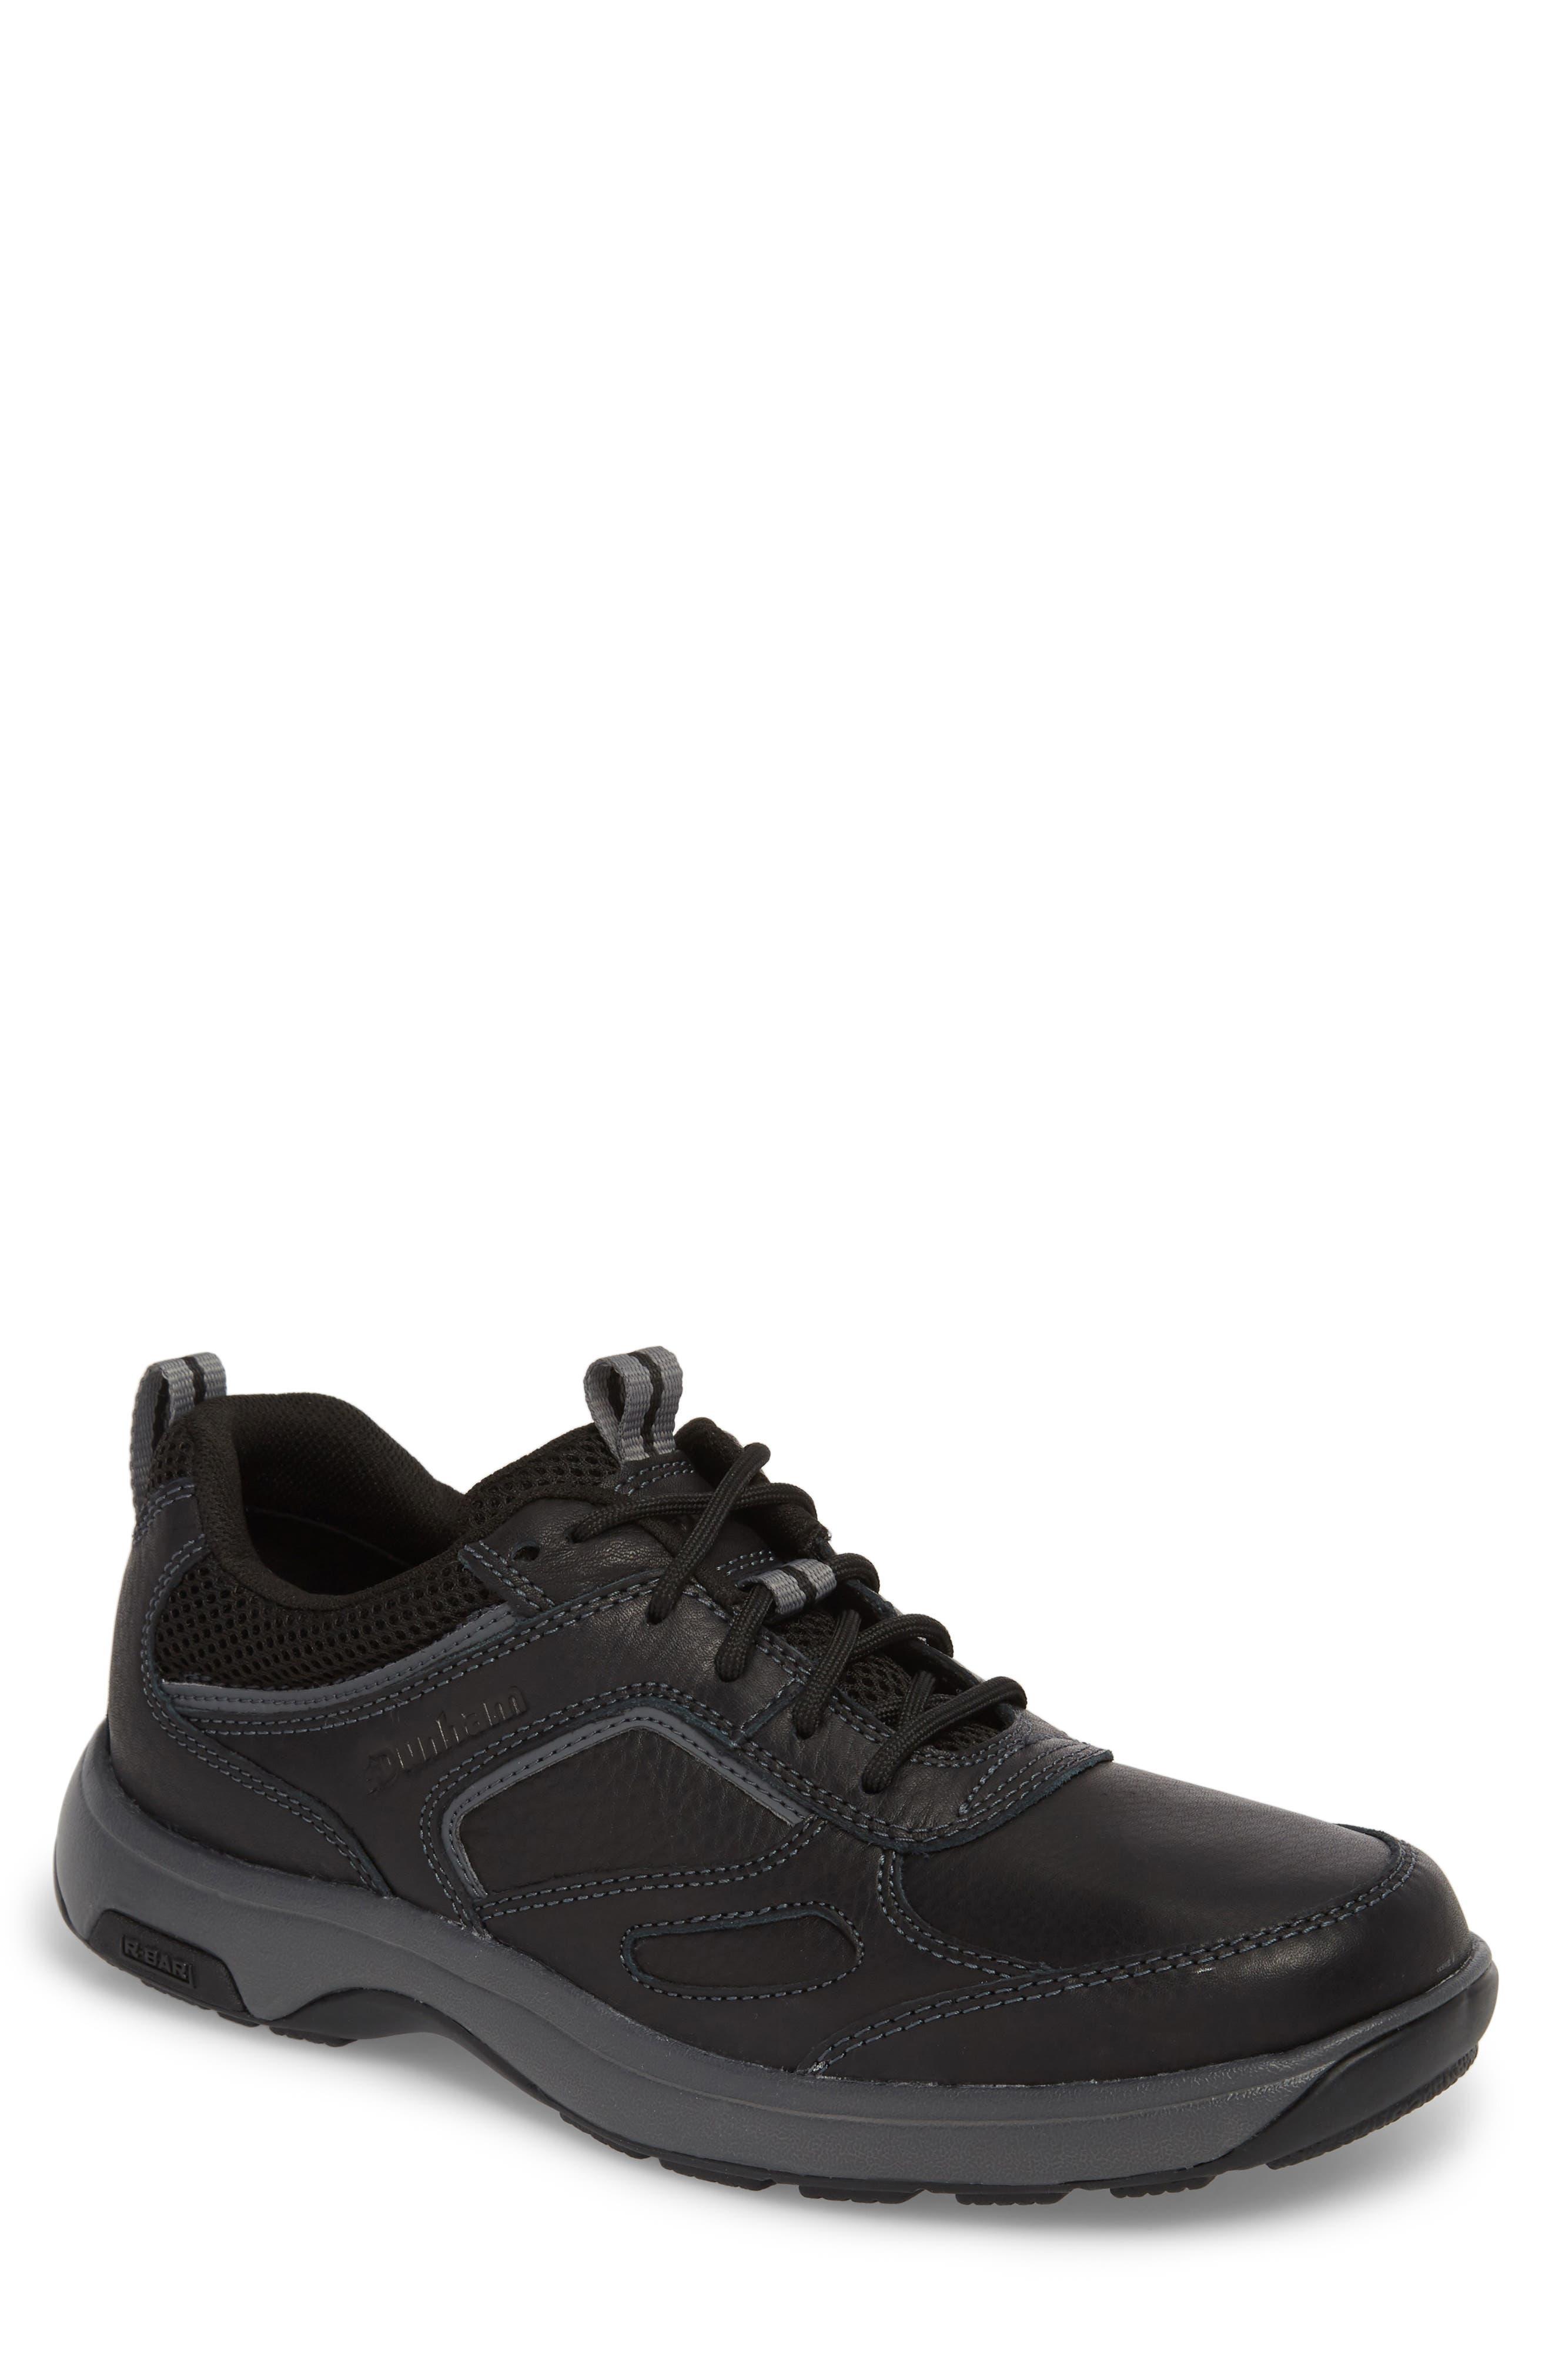 8000 Uball Sneaker,                             Main thumbnail 1, color,                             001